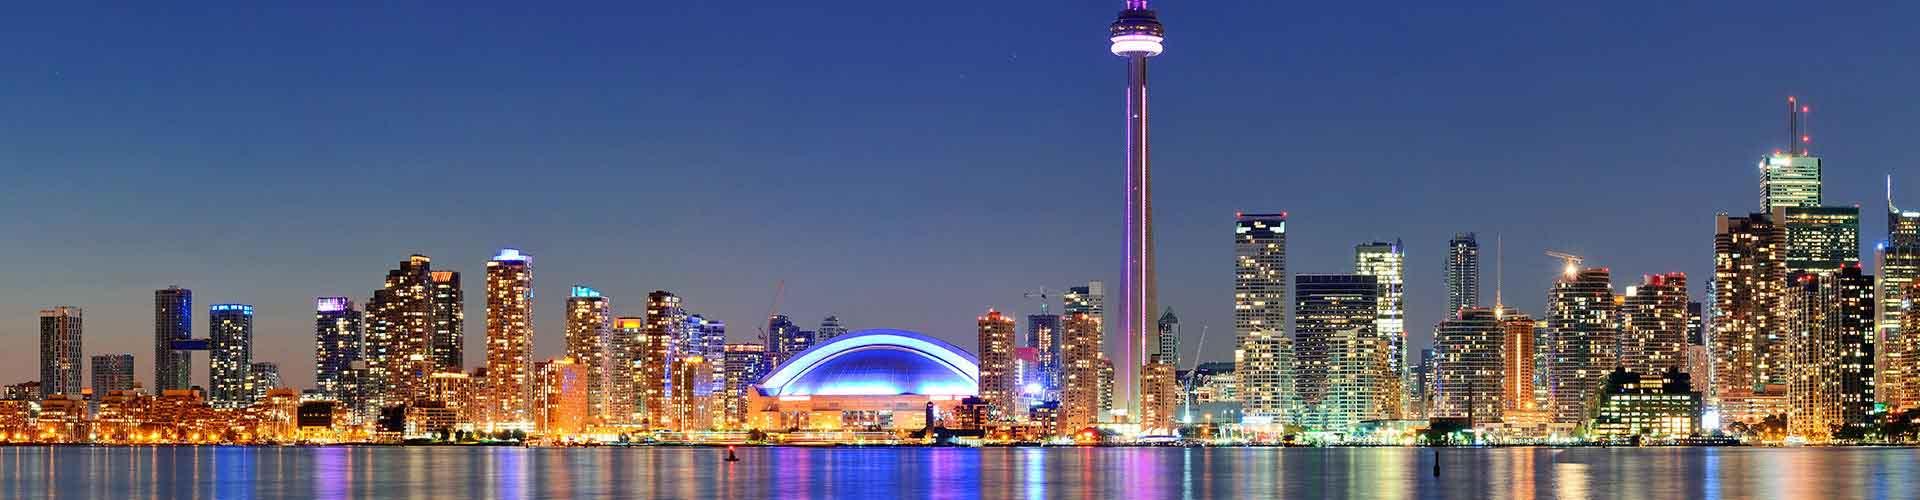 Toronto – Hostellit kaupungiosassa Vanha Toronto. Toronto -karttoja, valokuvia ja arvosteluja kaikista Toronto -hostelleista.